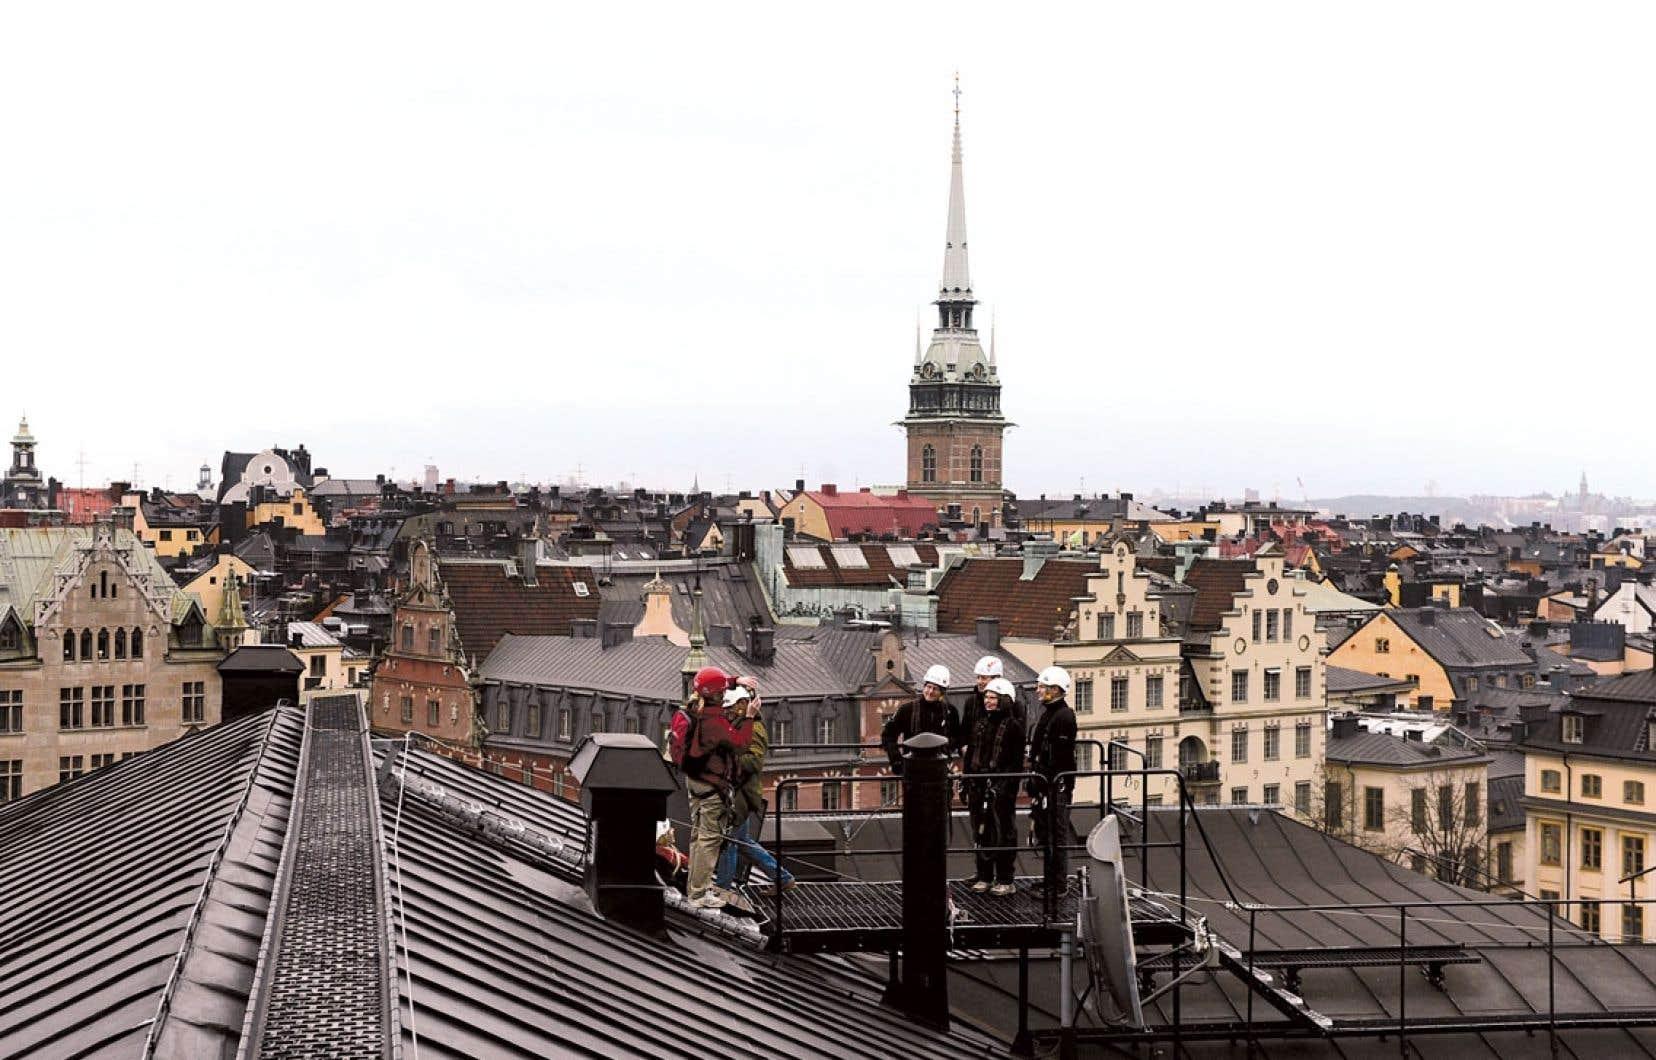 Des touristes écoutent leur guide lors d'une «tournée sur les toits» pour observer la vieille ville de Stockholm, en Suède, du haut d'un édifice dans l'îlot de Riddarholmen («l'îlot des chevaliers»).